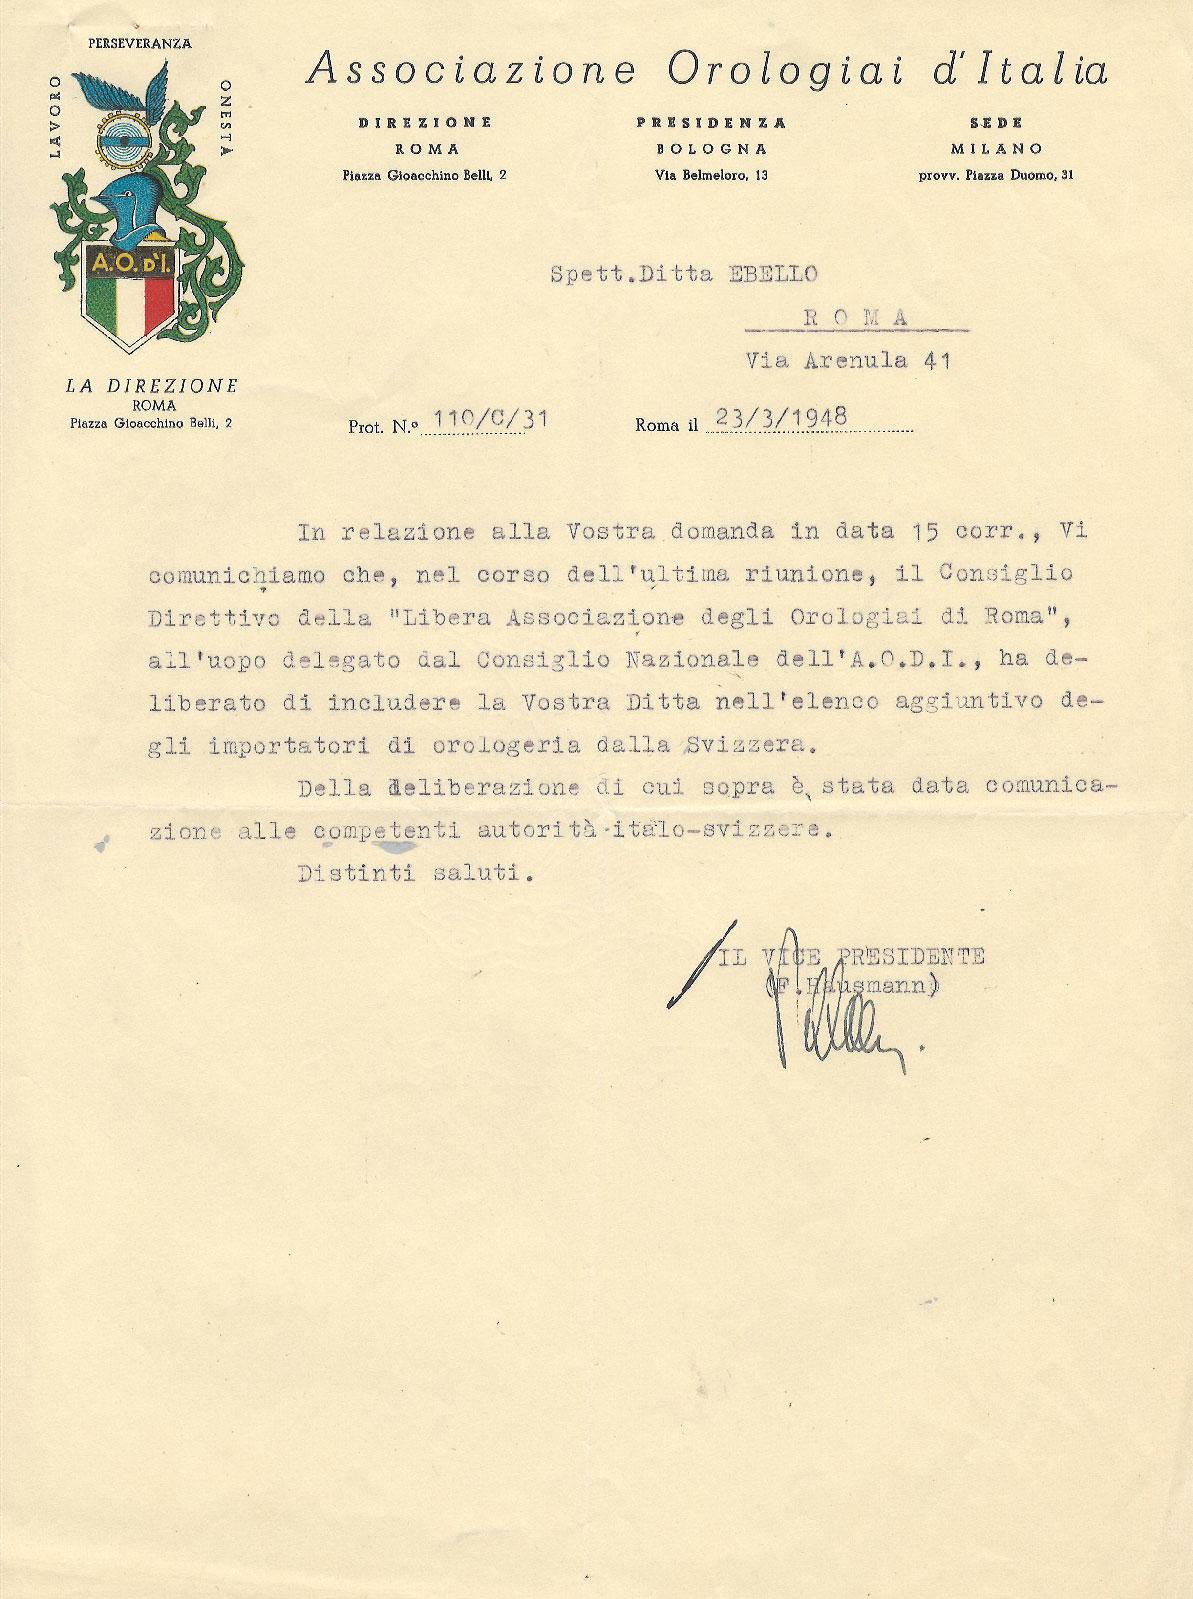 hausmann 1948